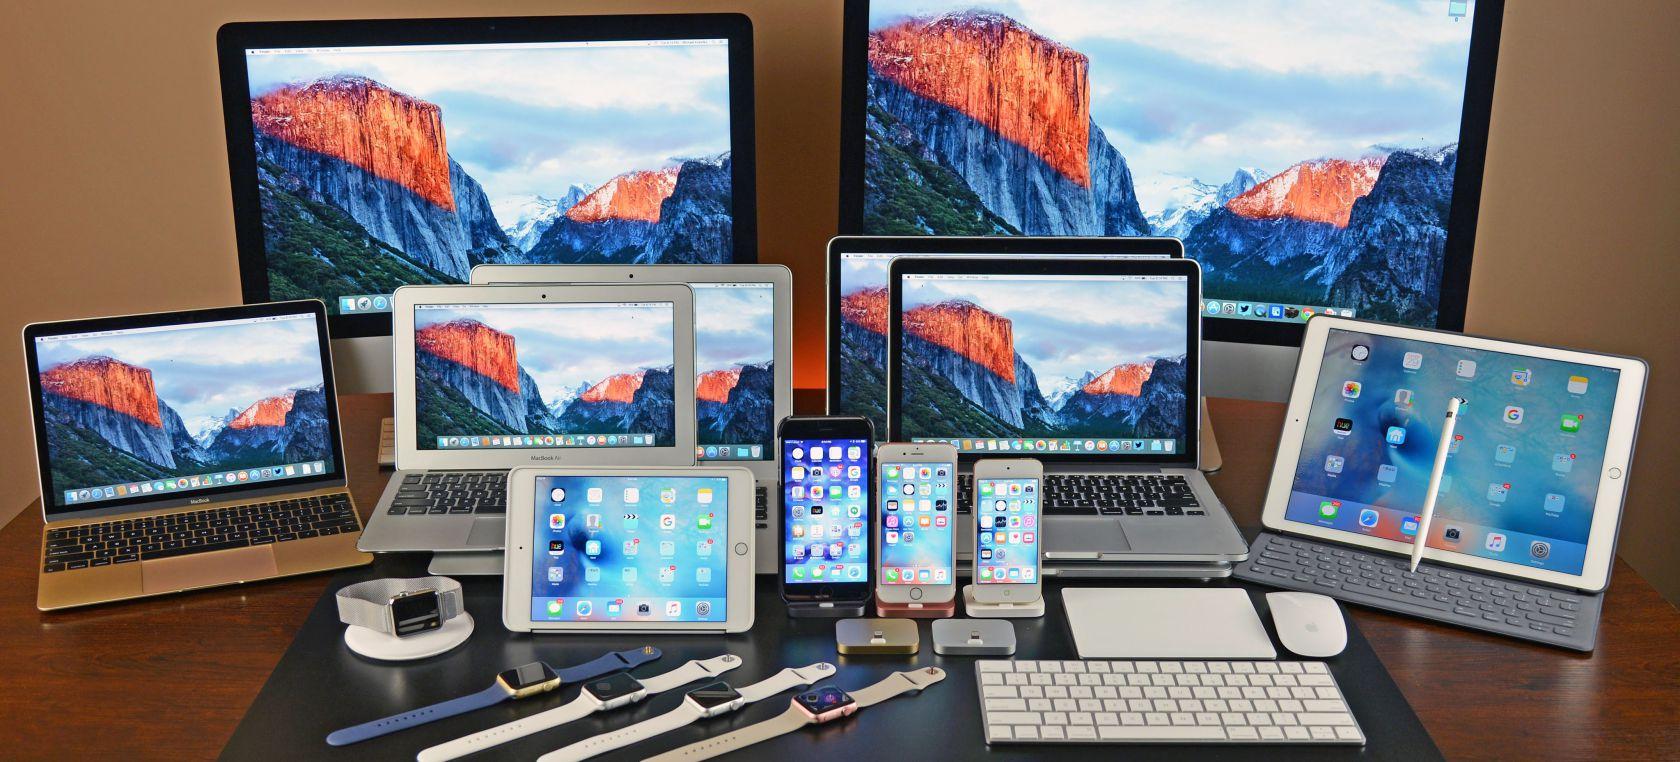 Celulares y pantallas llenas de tecnología